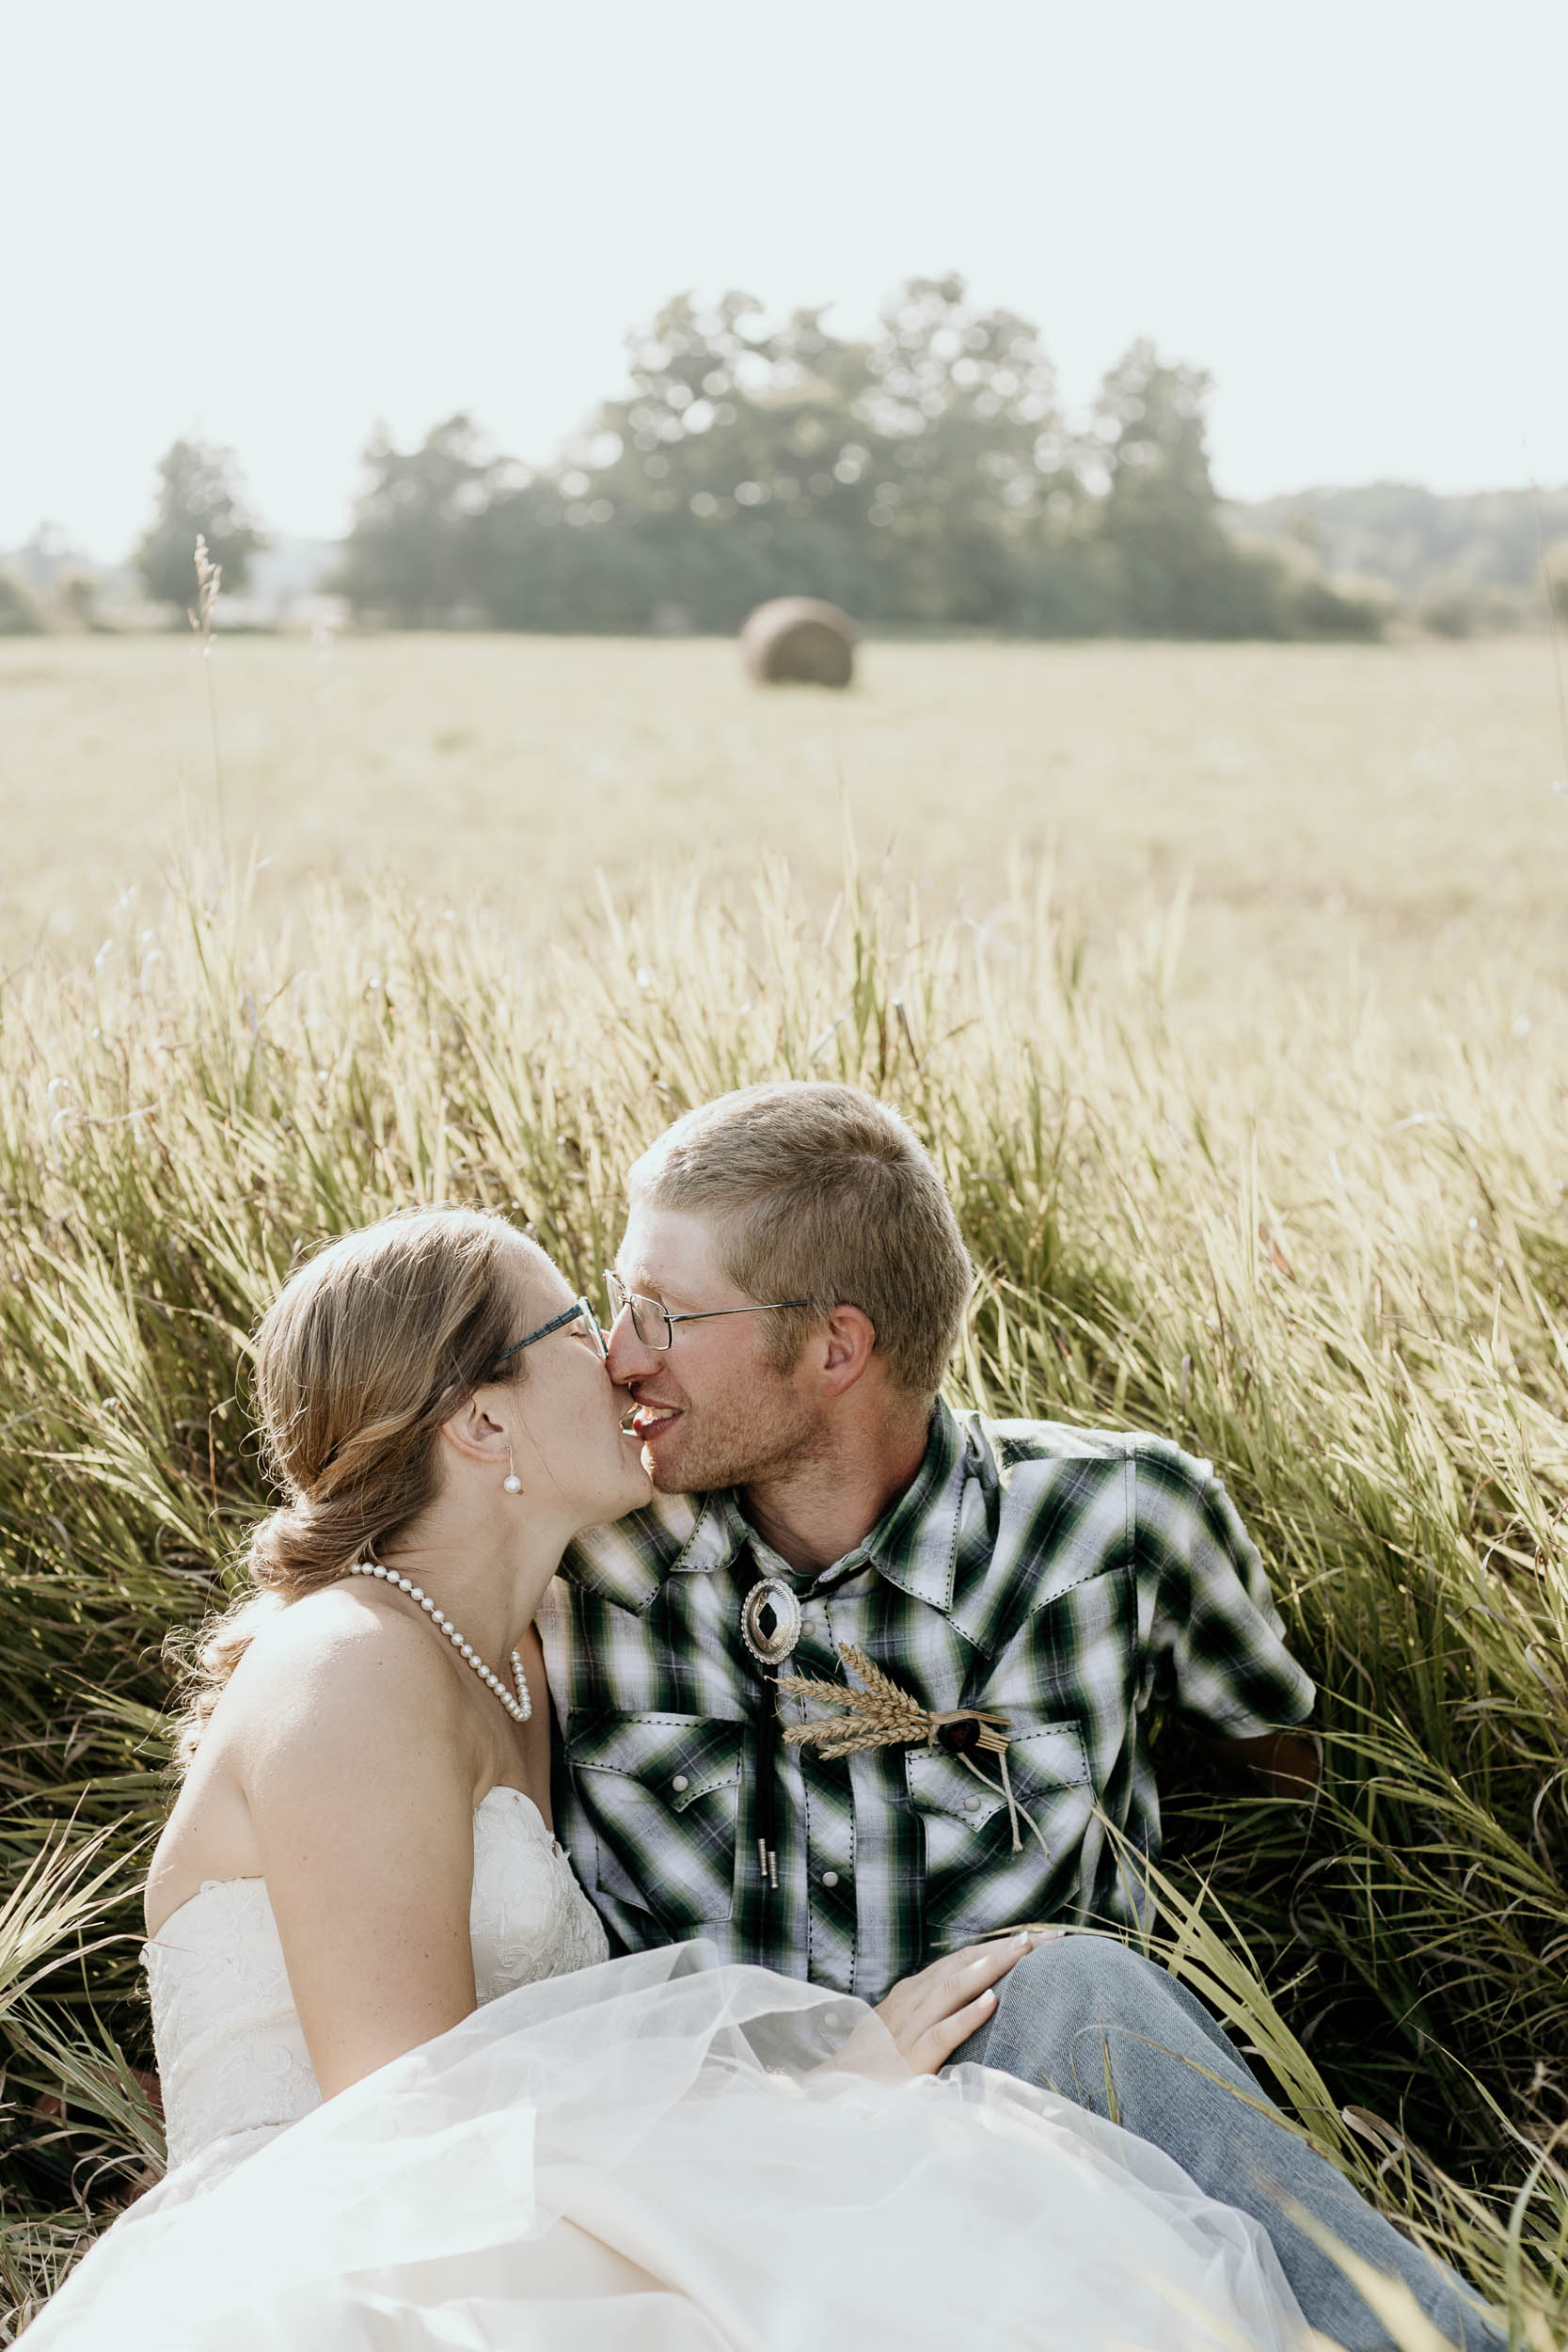 intimate-wedding-elopement-photographer-ottawa-joshua-tree-2789.jpg